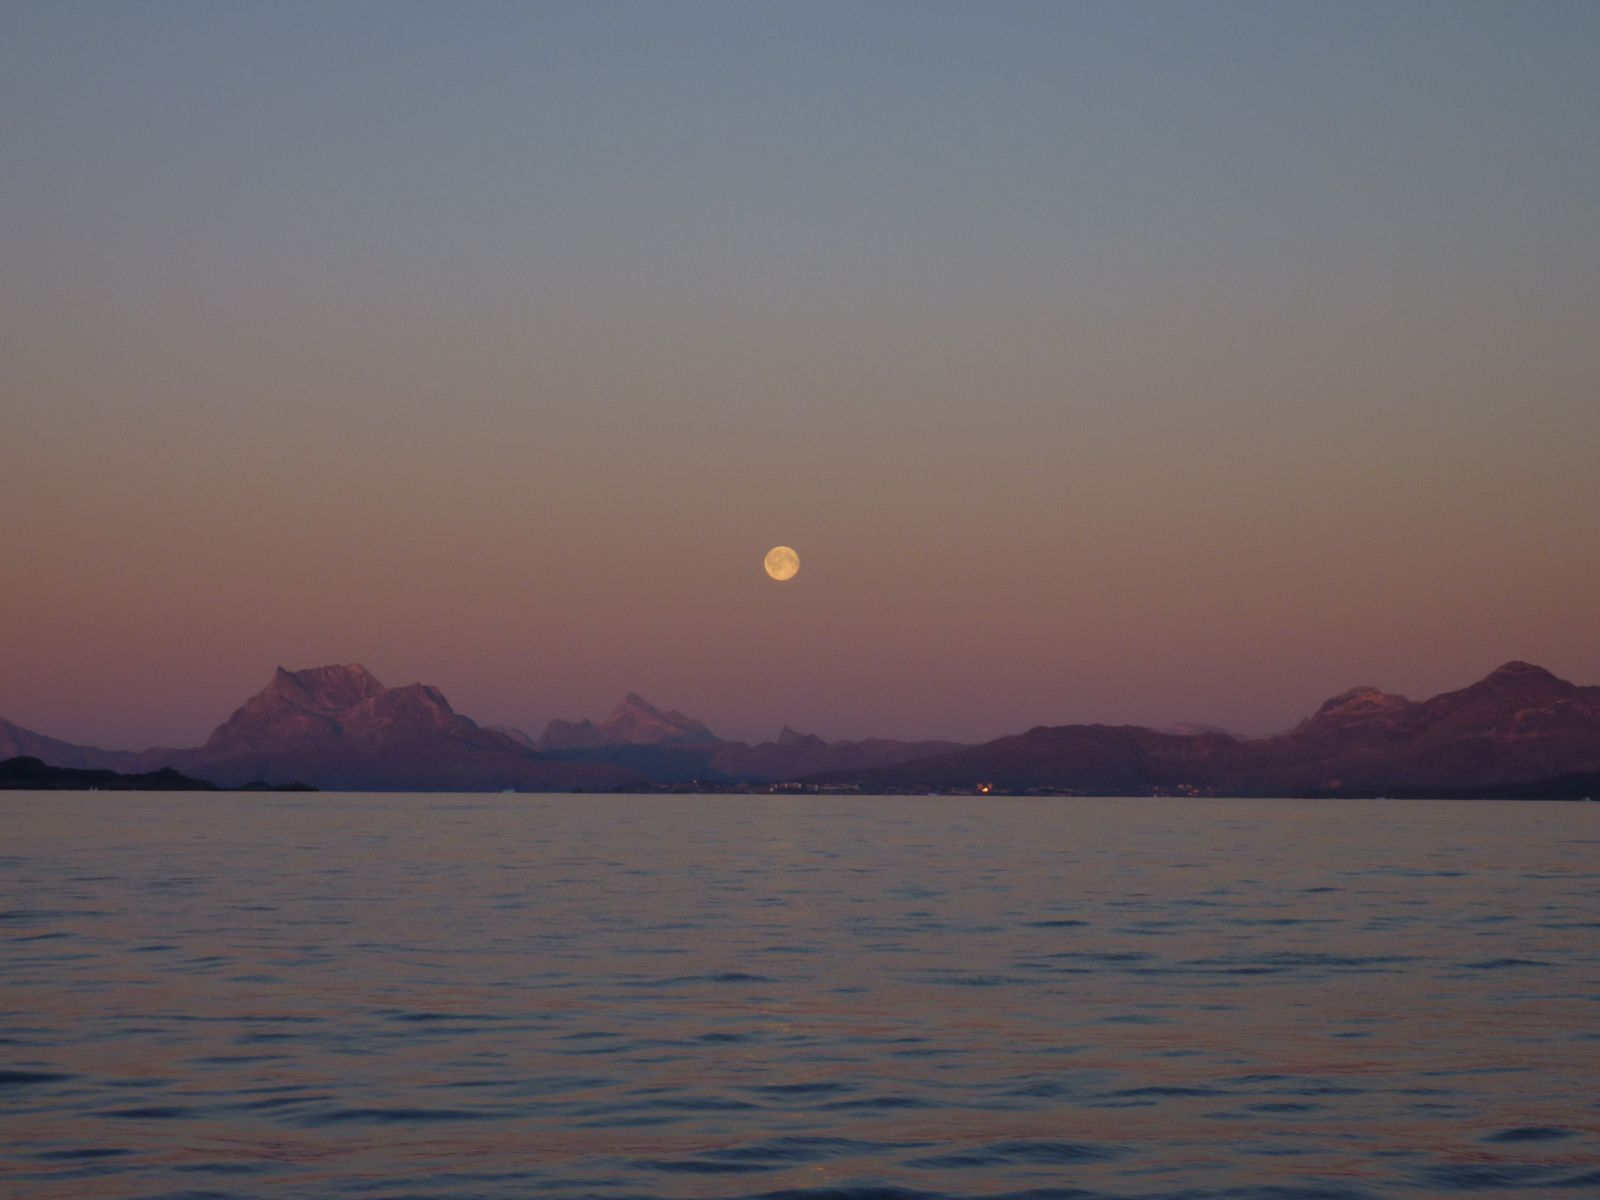 2010-10-23-1736_-_Månen; Sermitsiaq_4